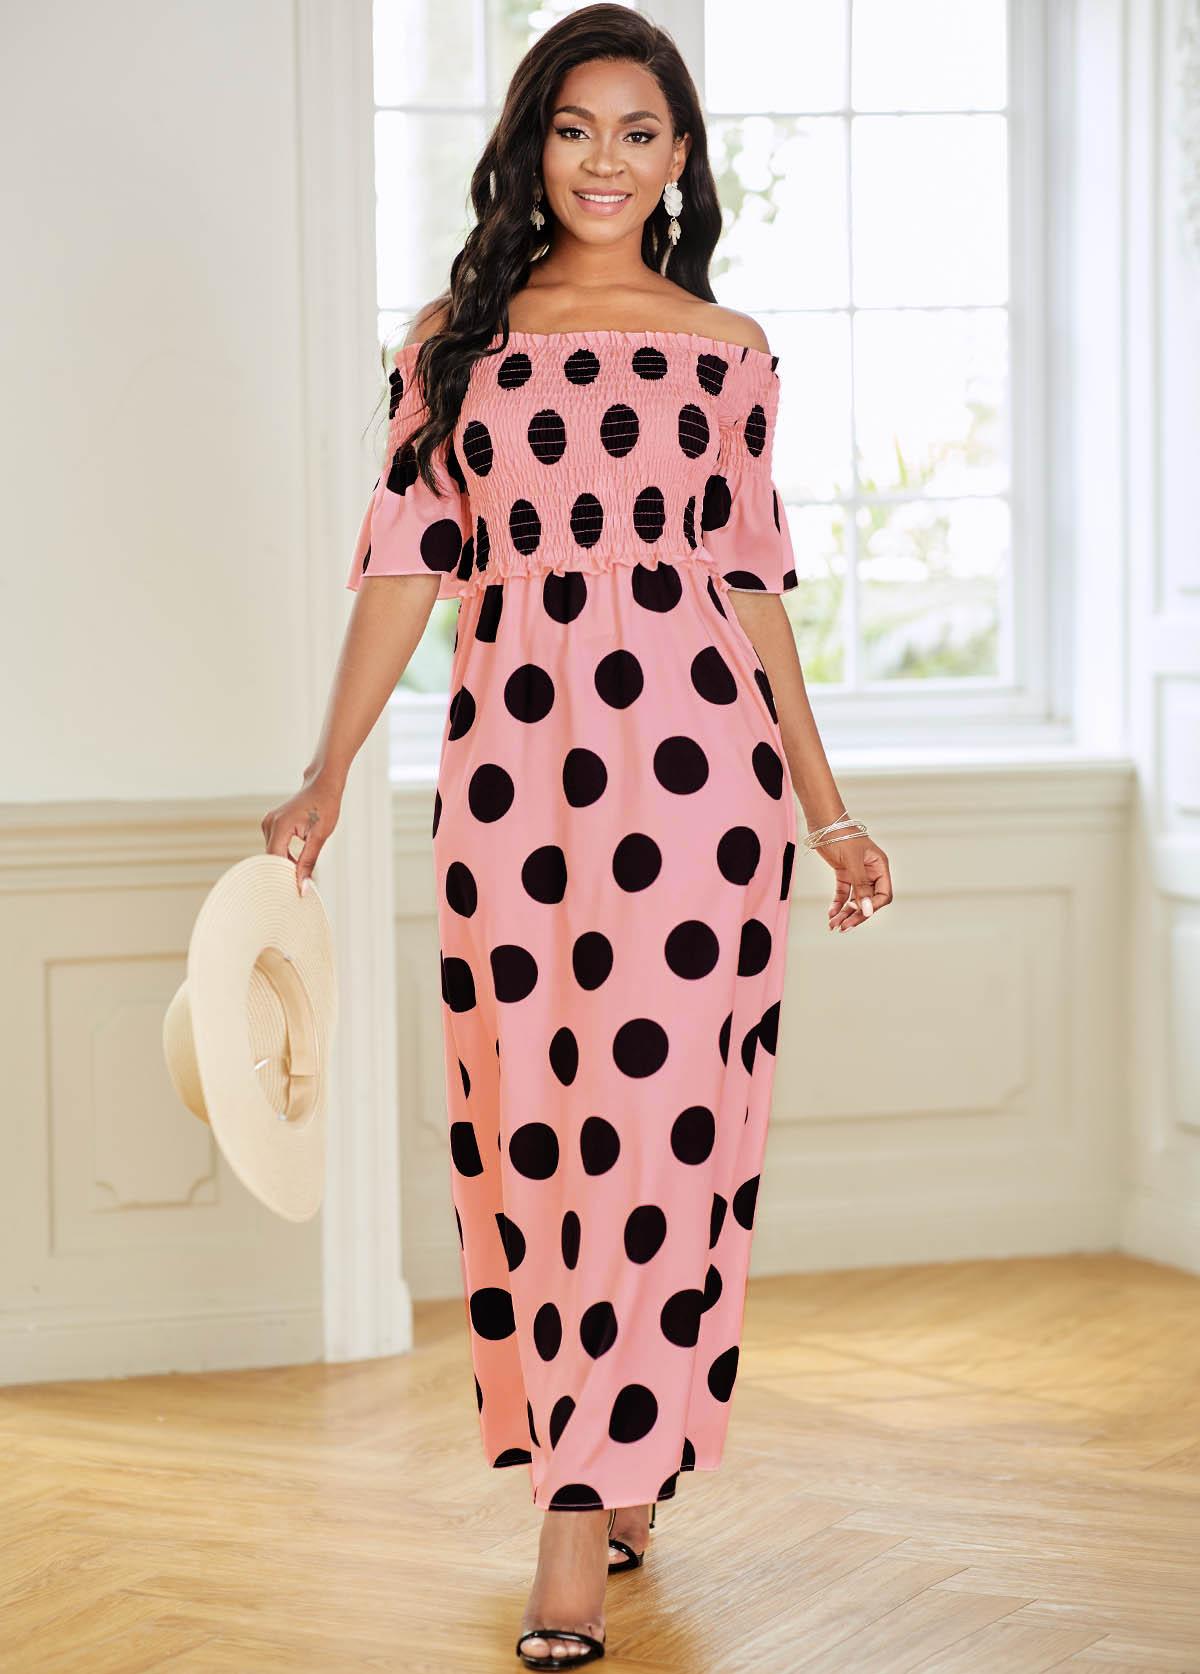 Off Shoulder Polka Dot Smocked Dress